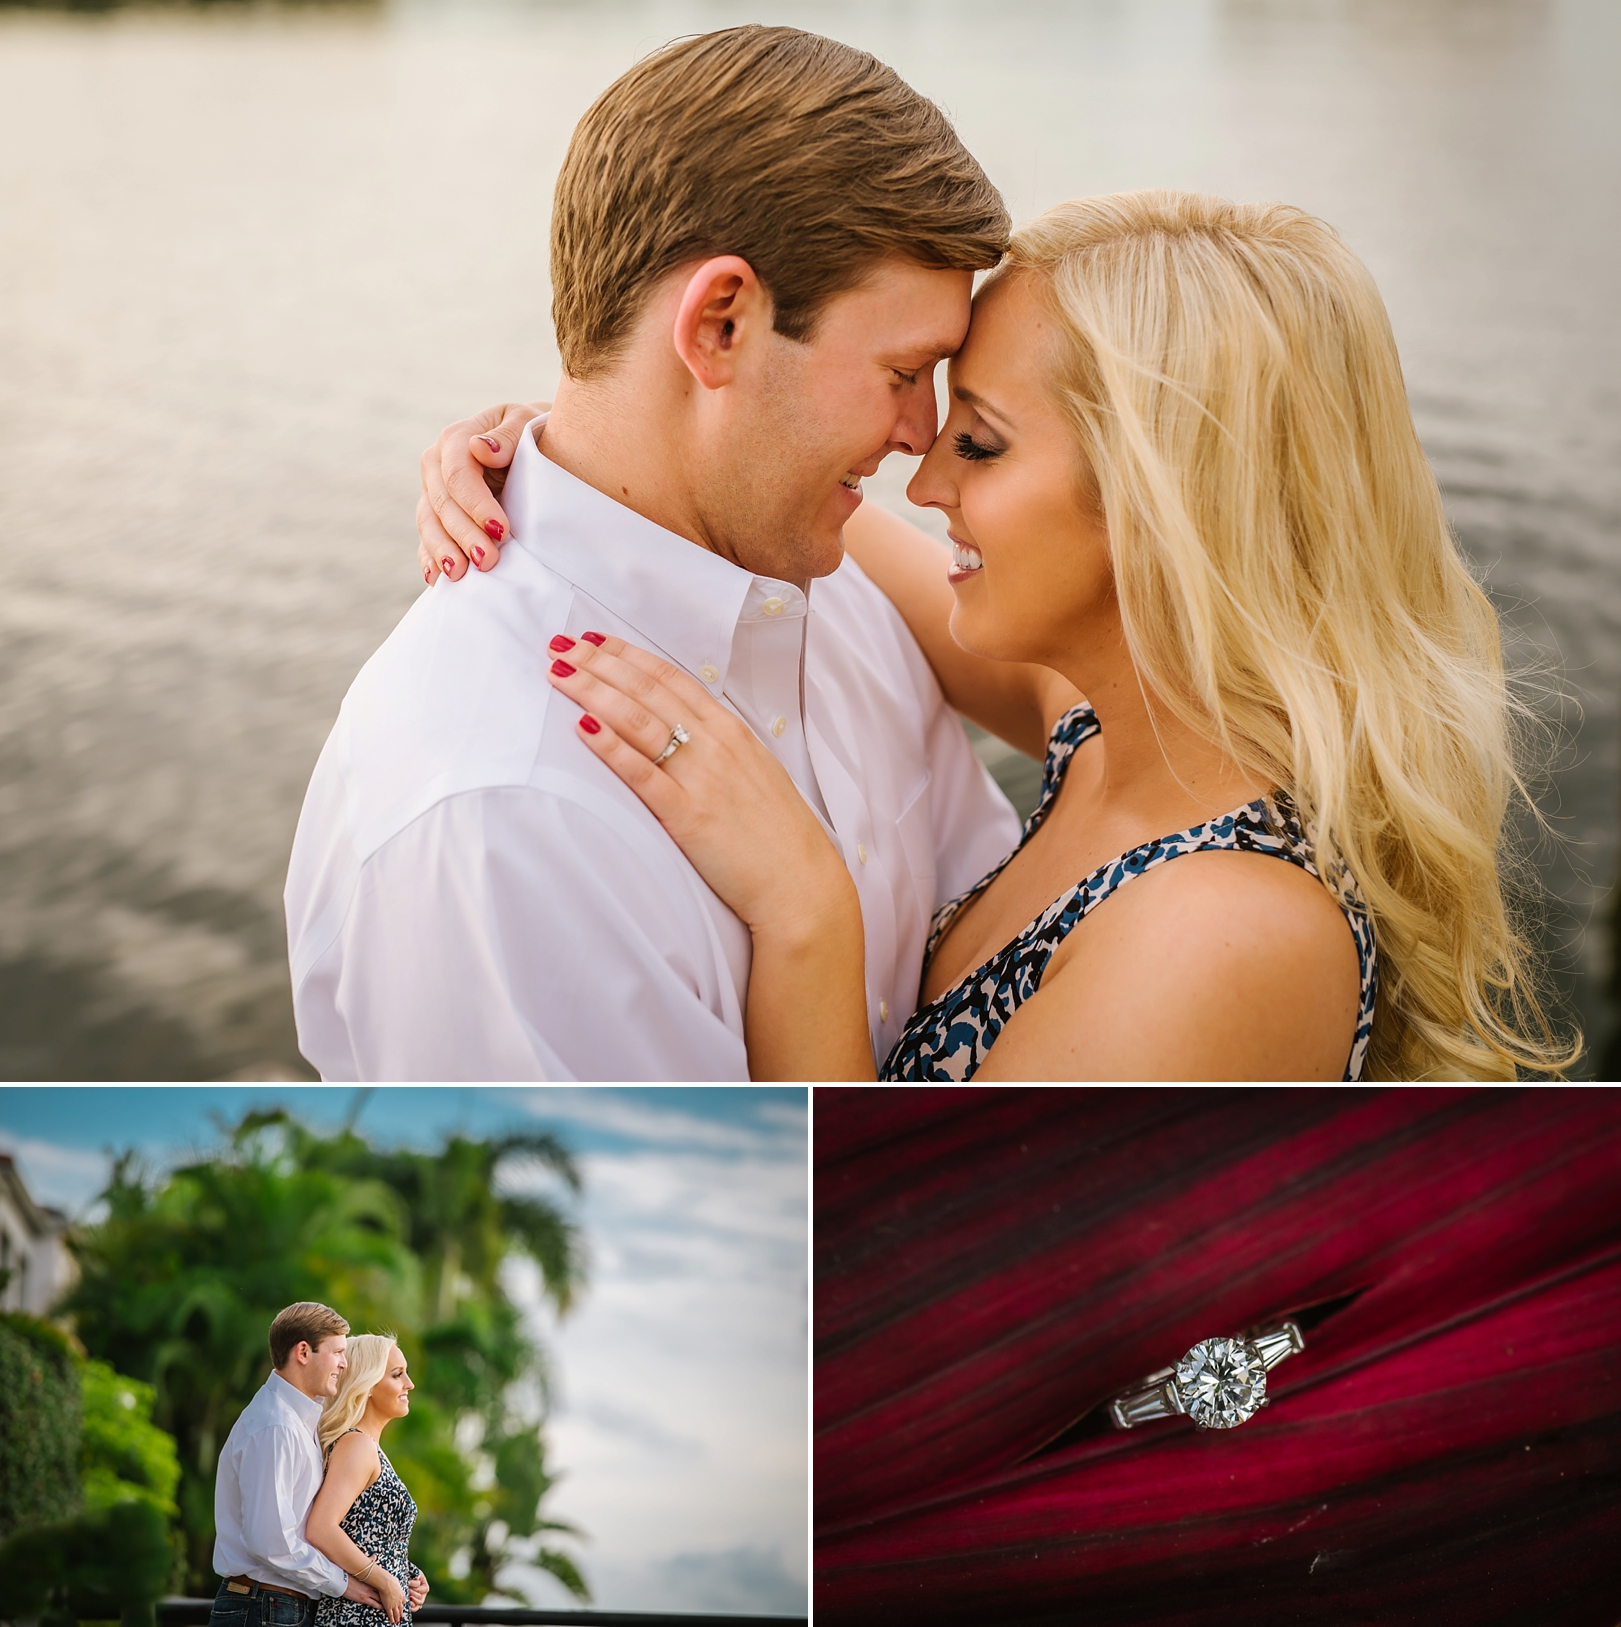 romantic-stylish-elegant-upscale-engagement-photography-ashlee-hamon-tampa_0003.jpg